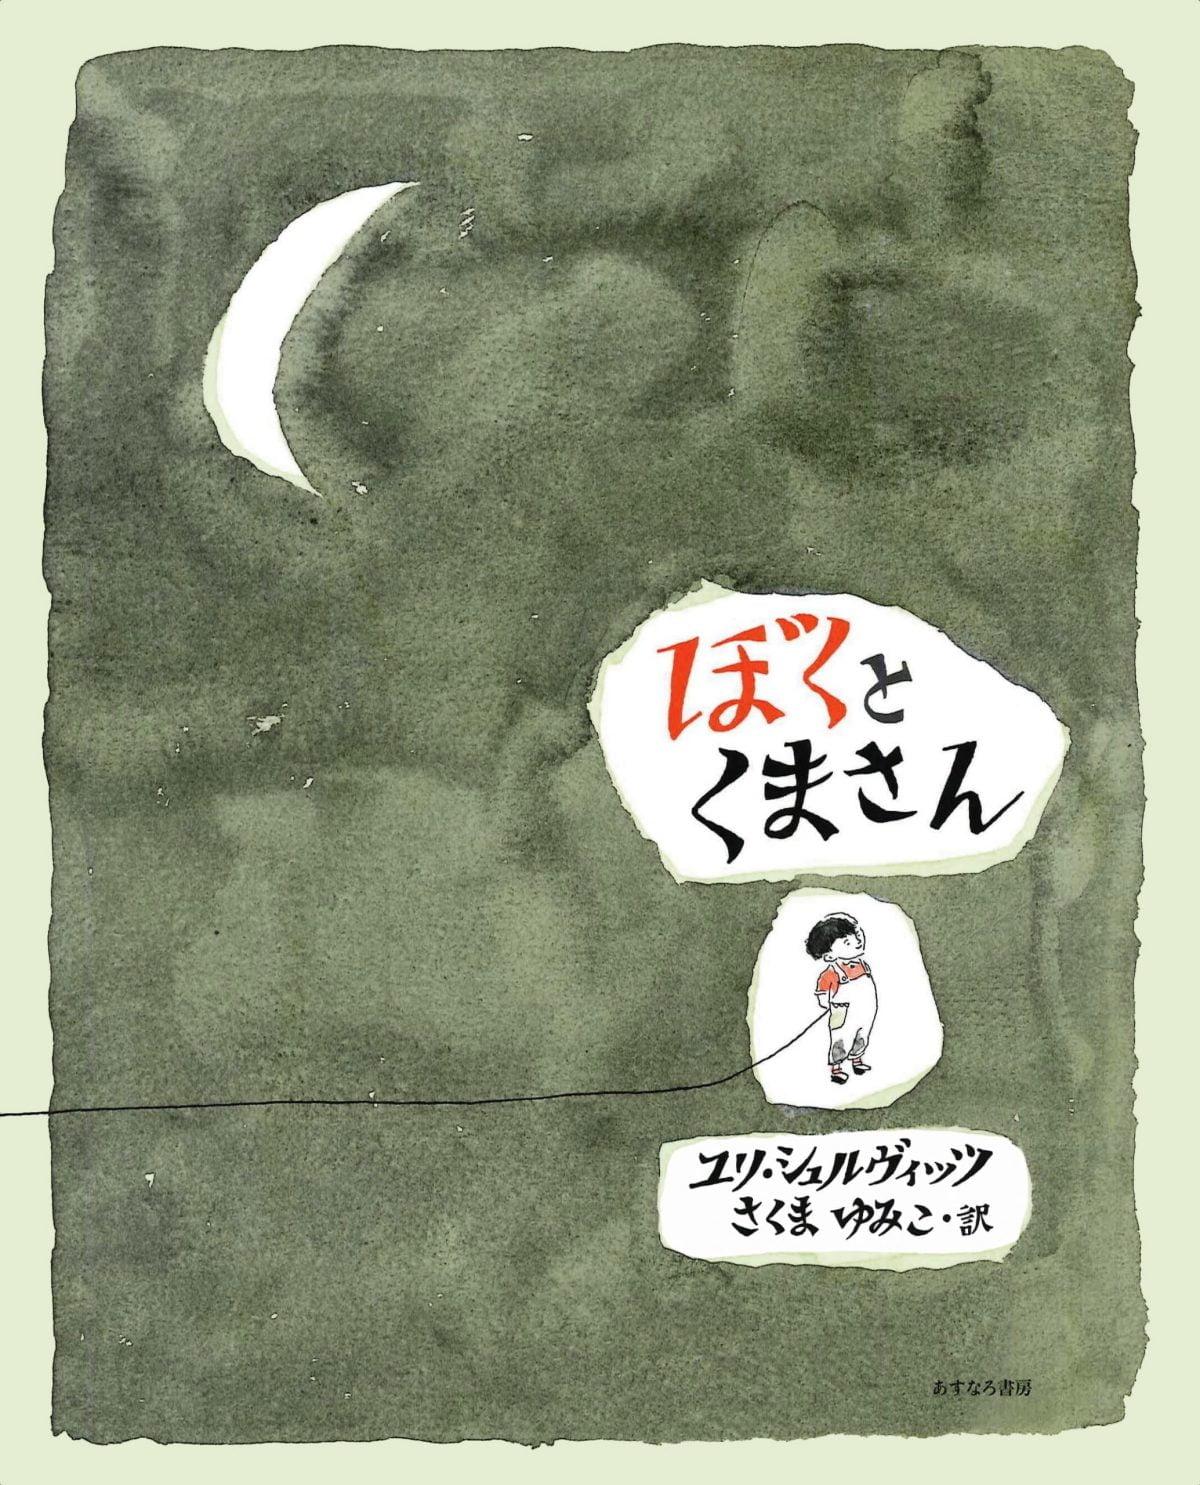 絵本「ぼくとくまさん」の表紙